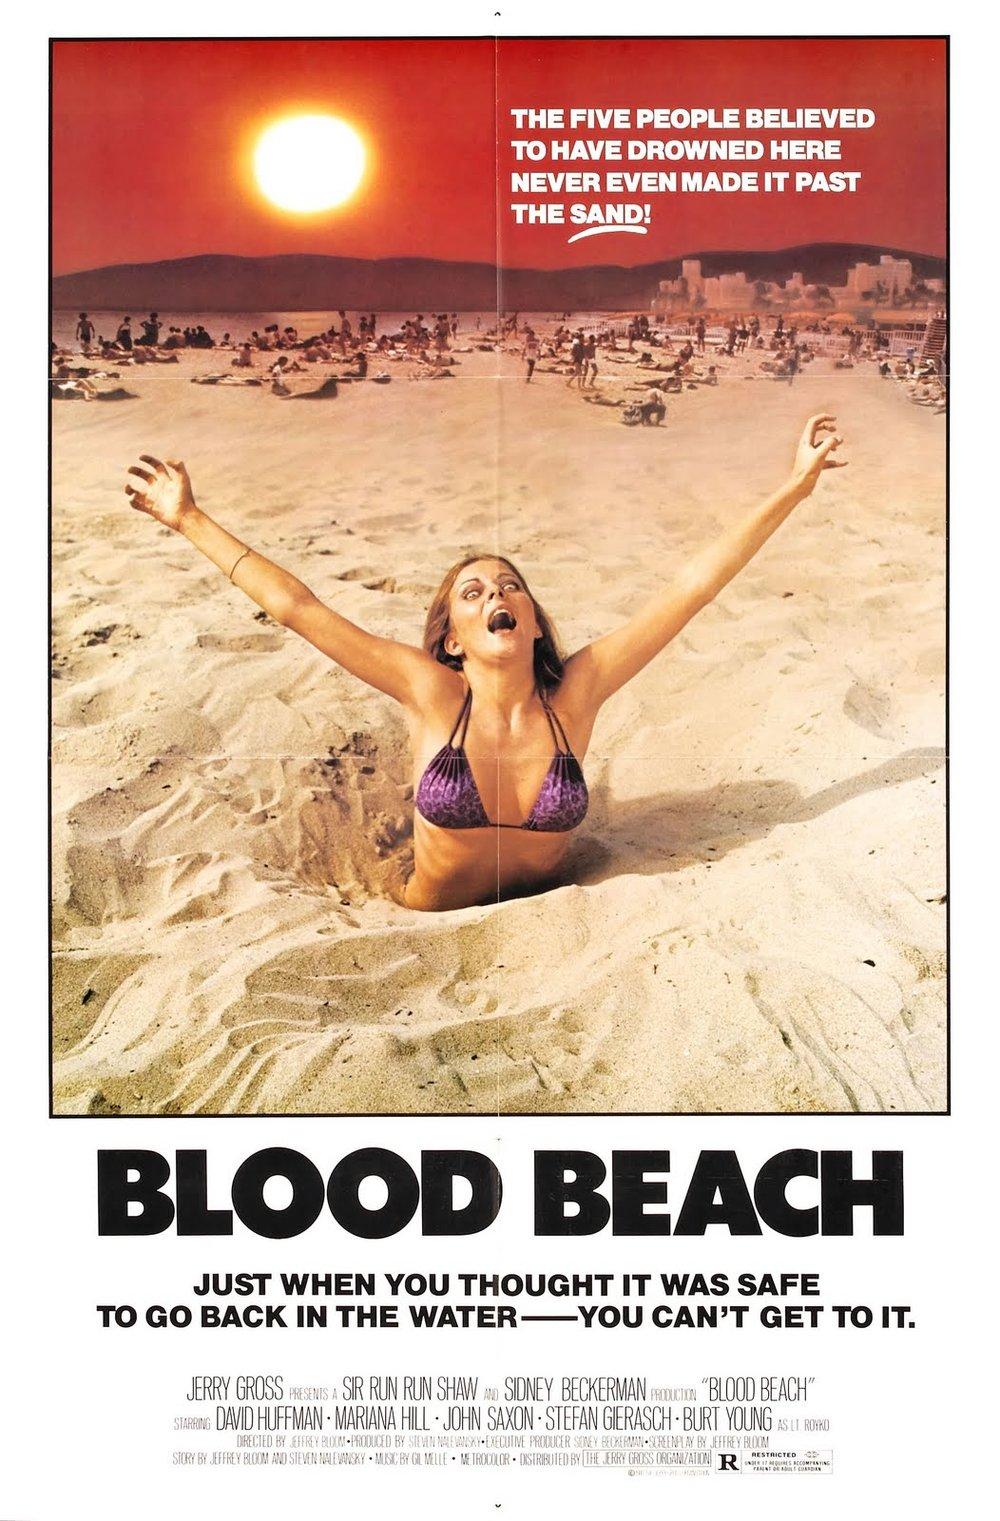 blood_beach_poster_01.jpg